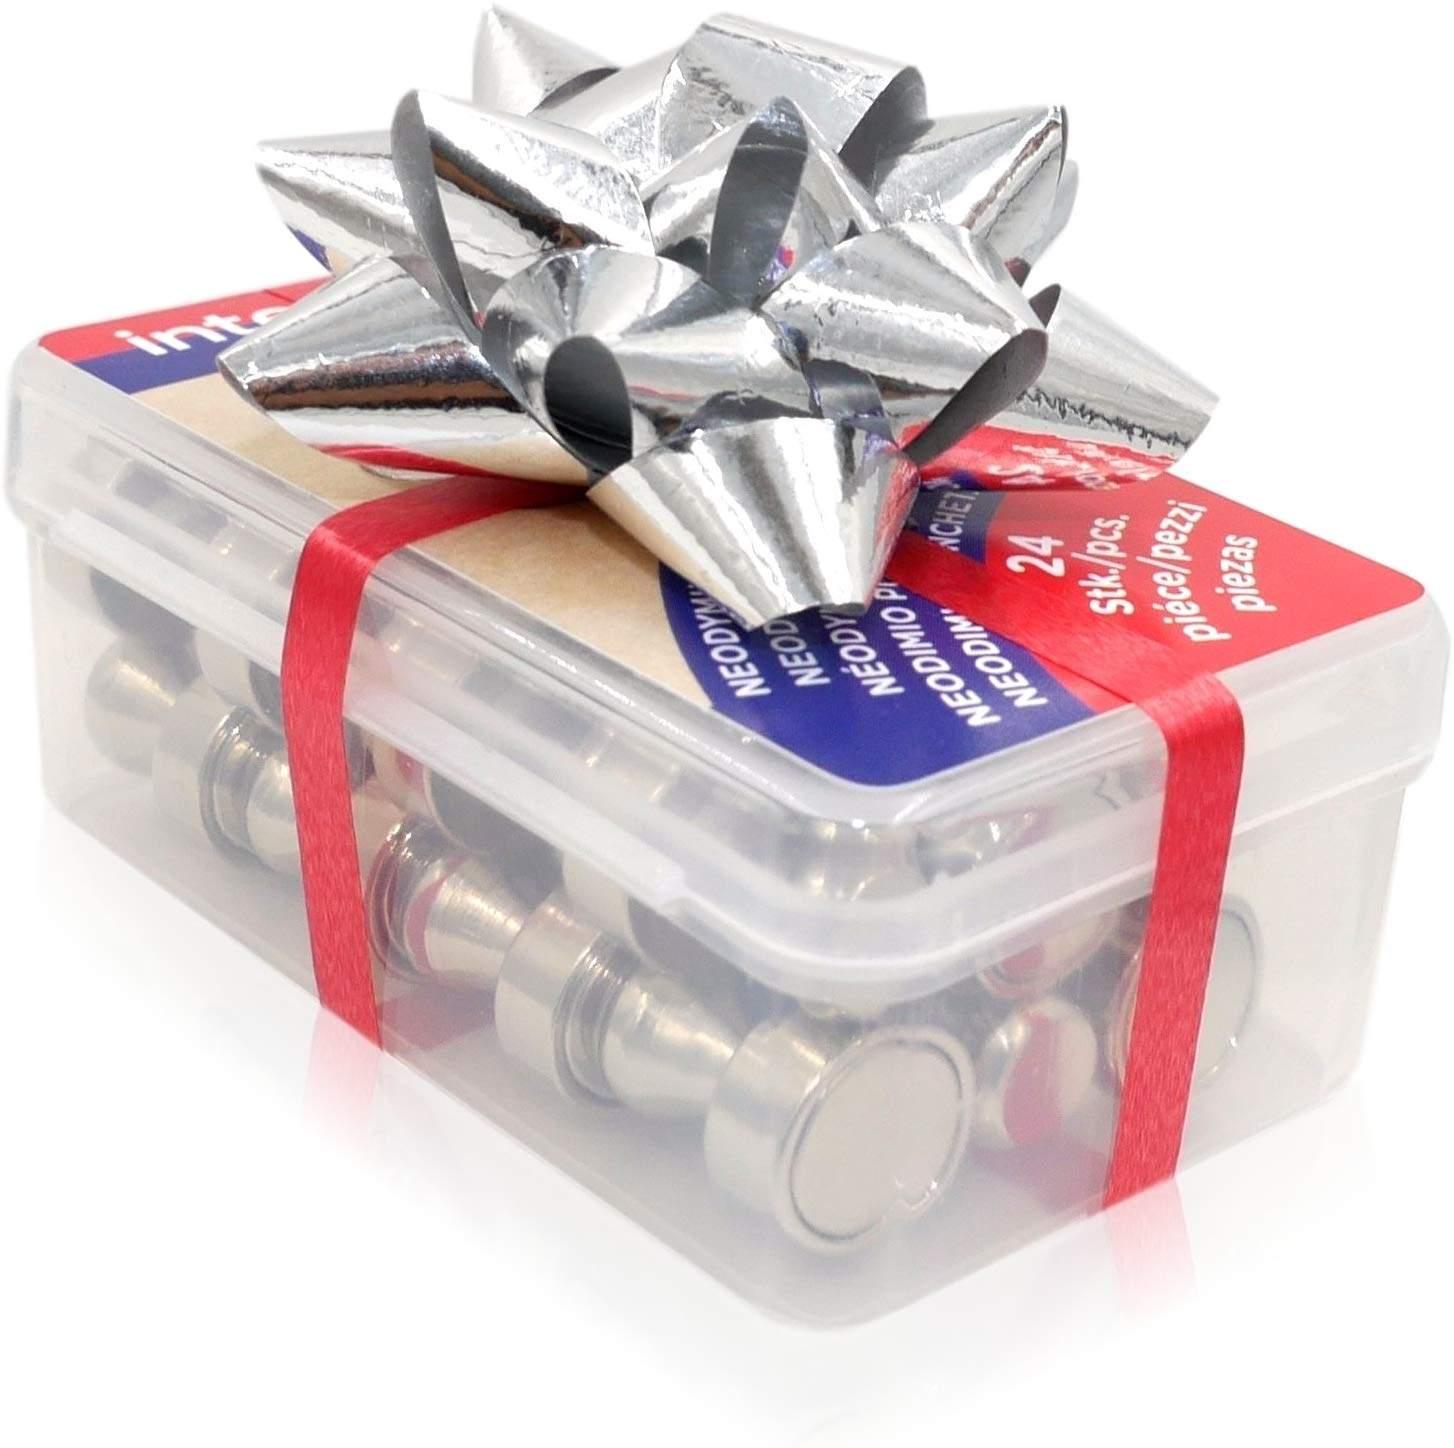 aufbewahrungsbox fur garten das beste von 24 neodym magnet fur whiteboard pinnwand magnettafel kuhlschrank nicht glasmagnettafeln kegelmagnete notenmagnete sehr stark klein pin of aufbewahru